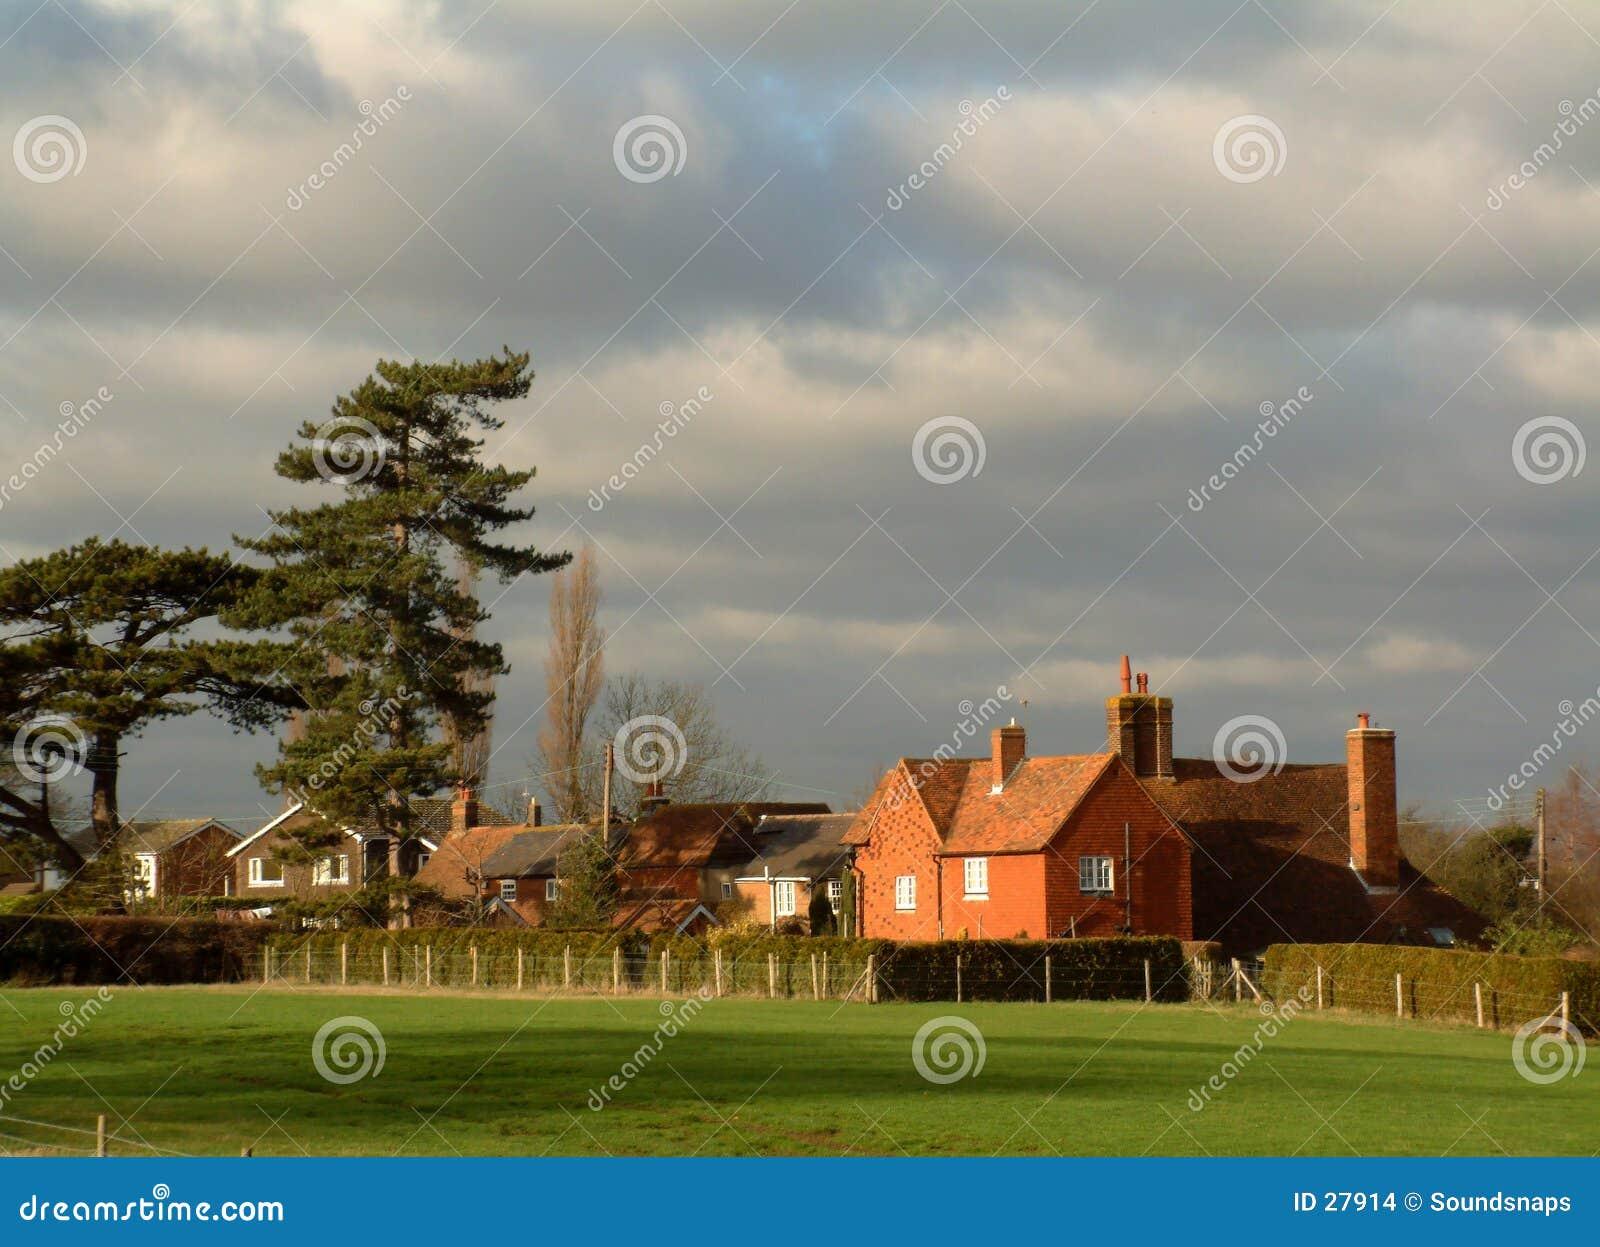 Rotes Haus gegen grauen Himmel